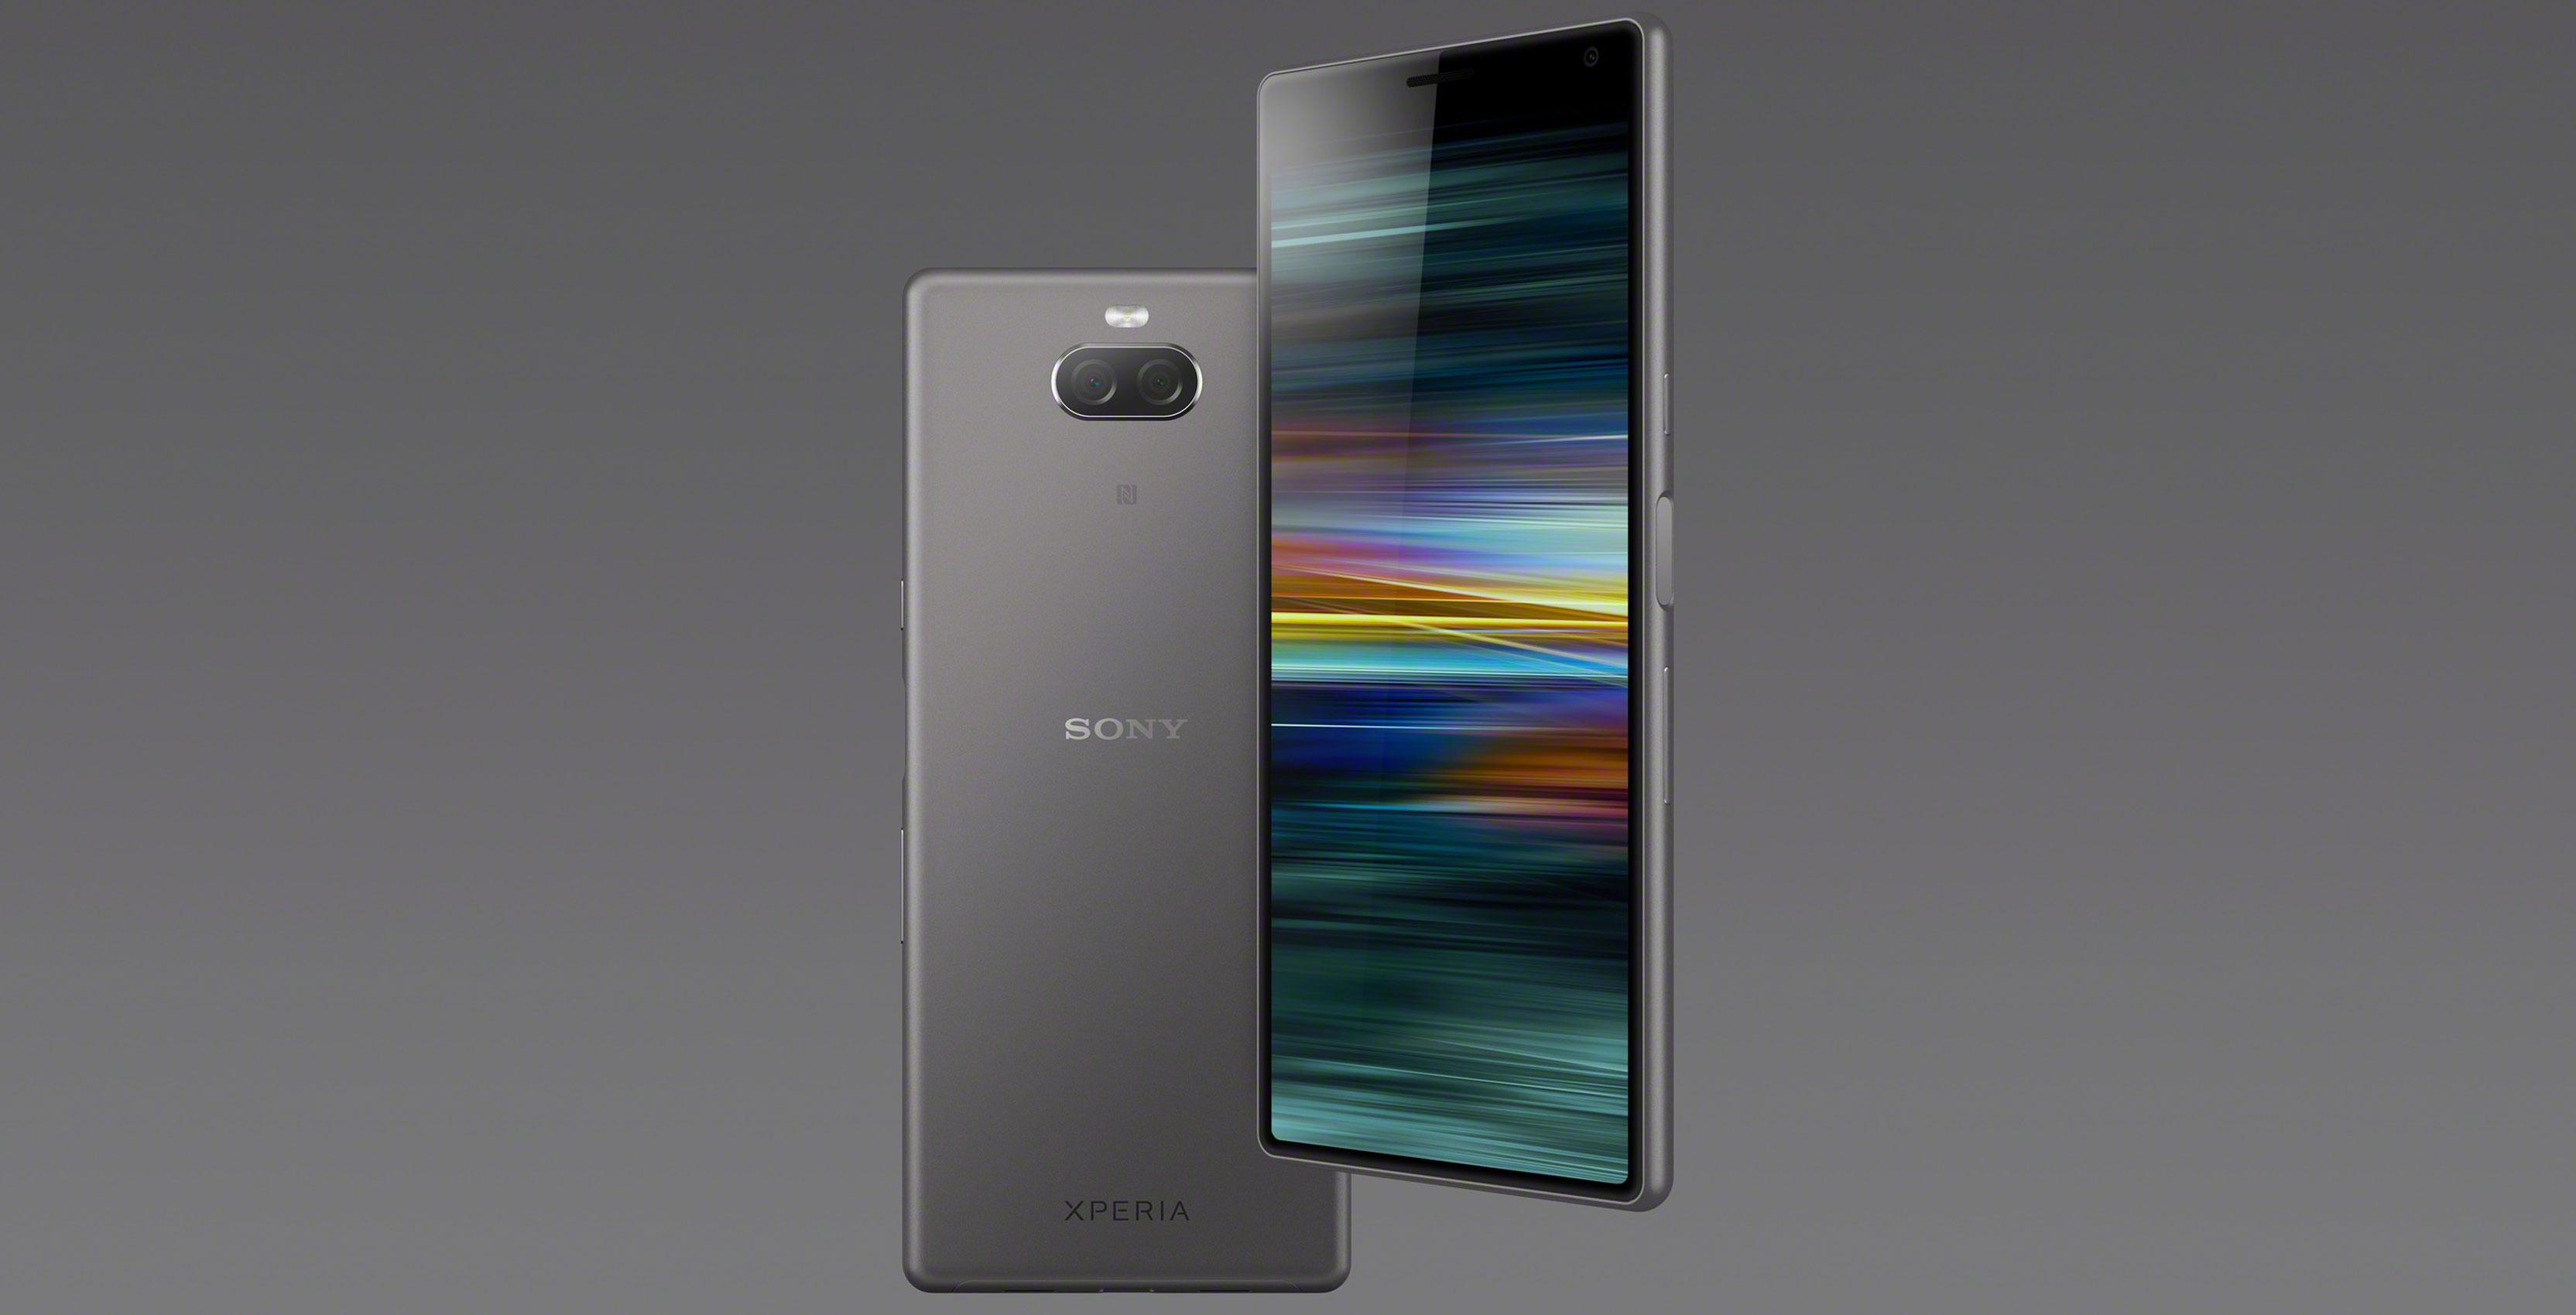 المقارنة الكاملة بين هواتف Sony المتوسطة الجديدة Sony Xperia 10 Plus وXperia 10 وXperia L3